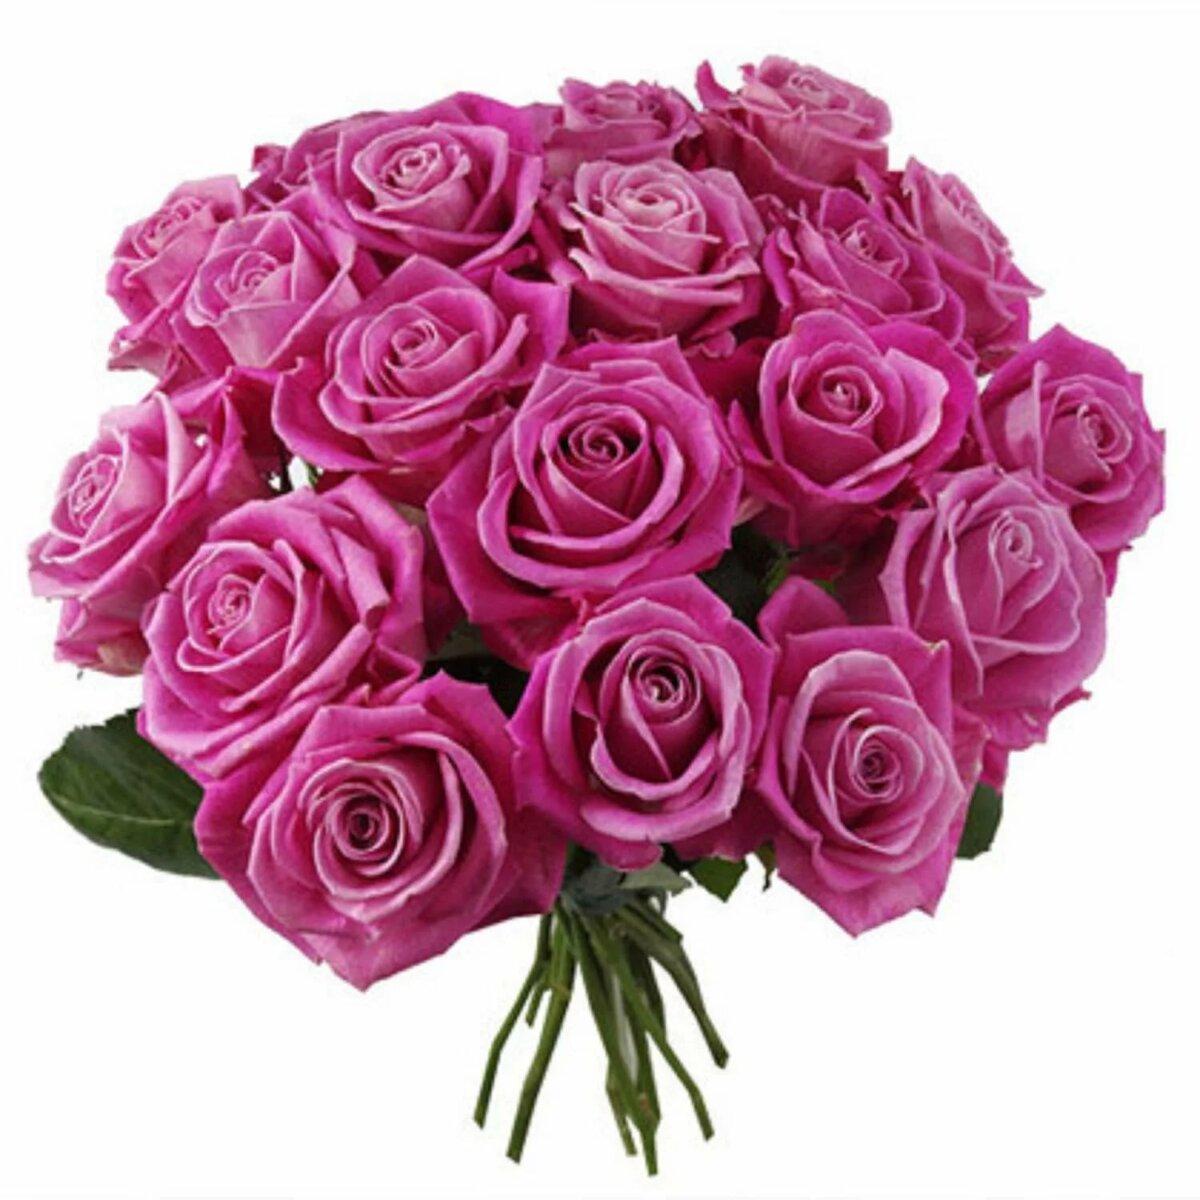 Картинка с букетом роз анимация, цветы марта прозрачном